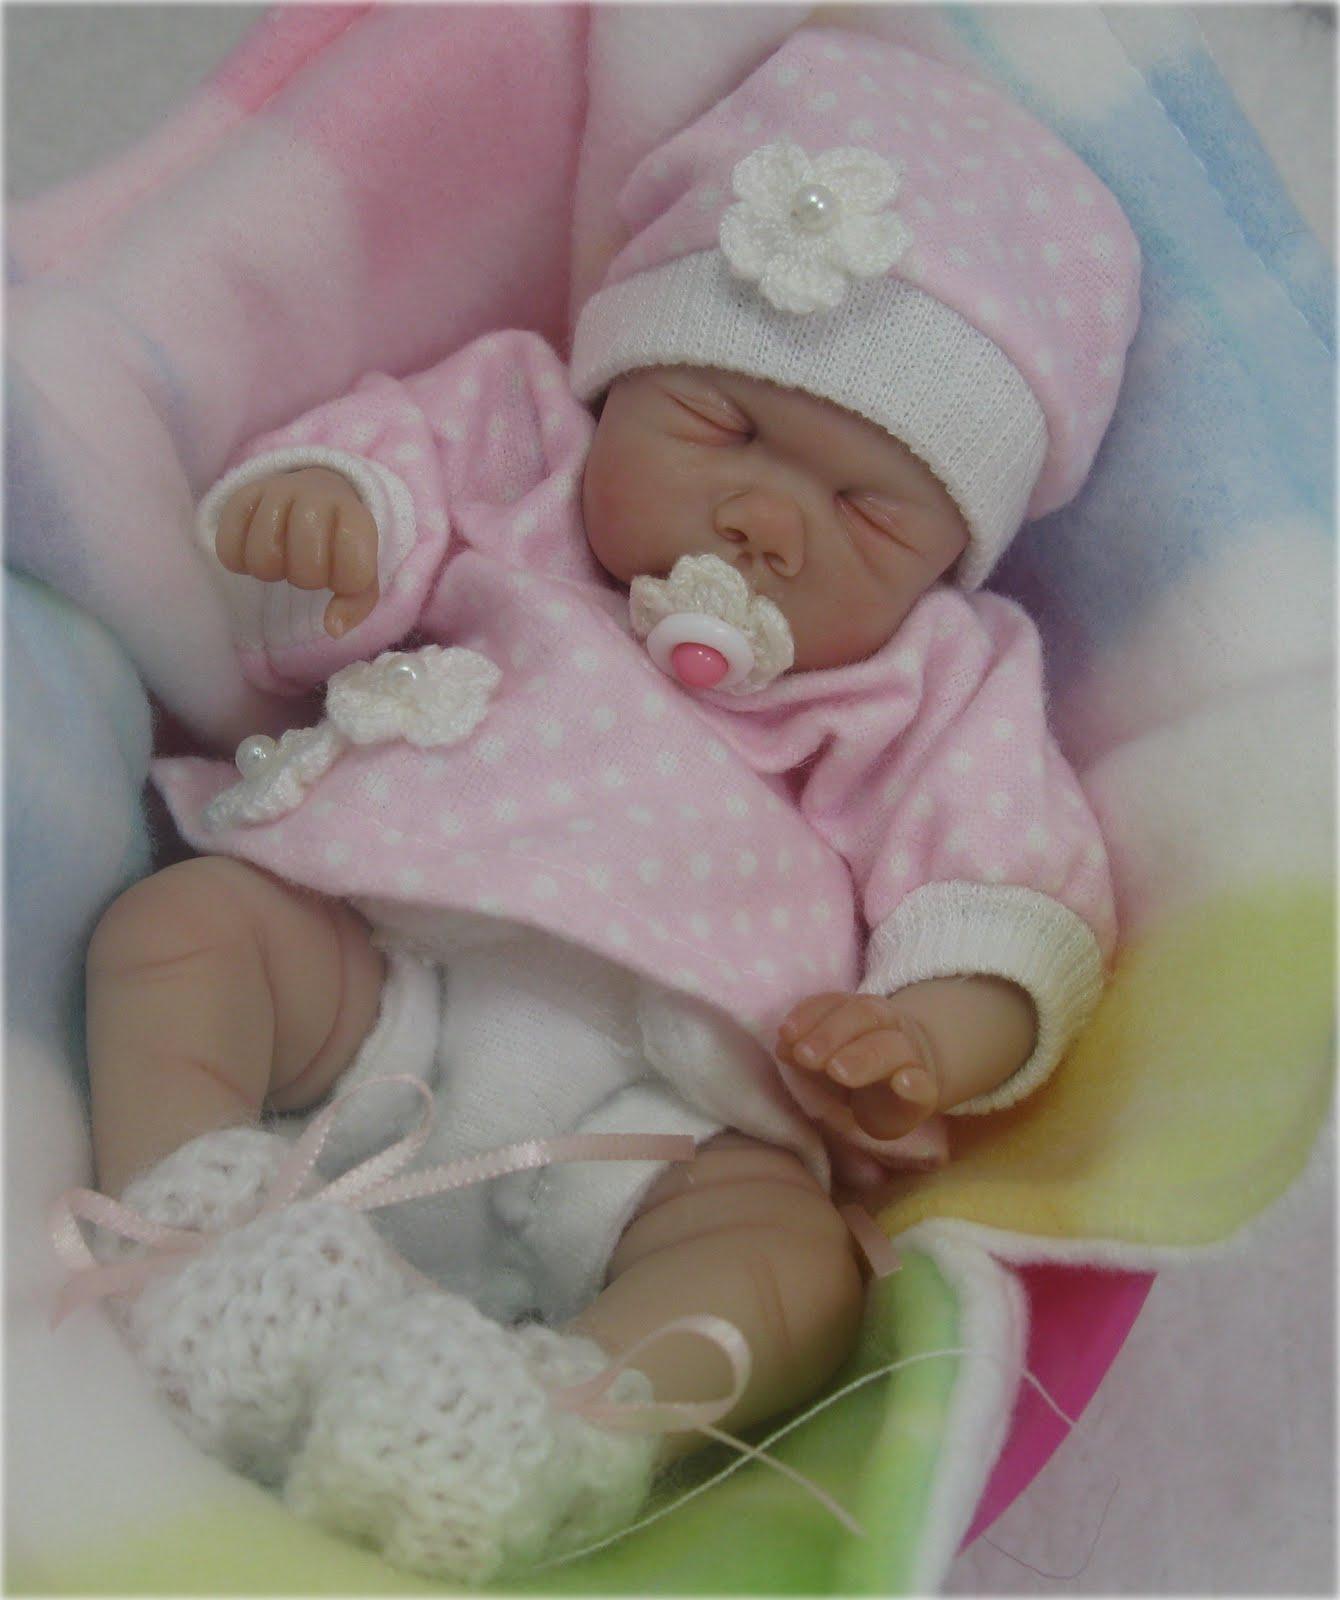 Tiny babe